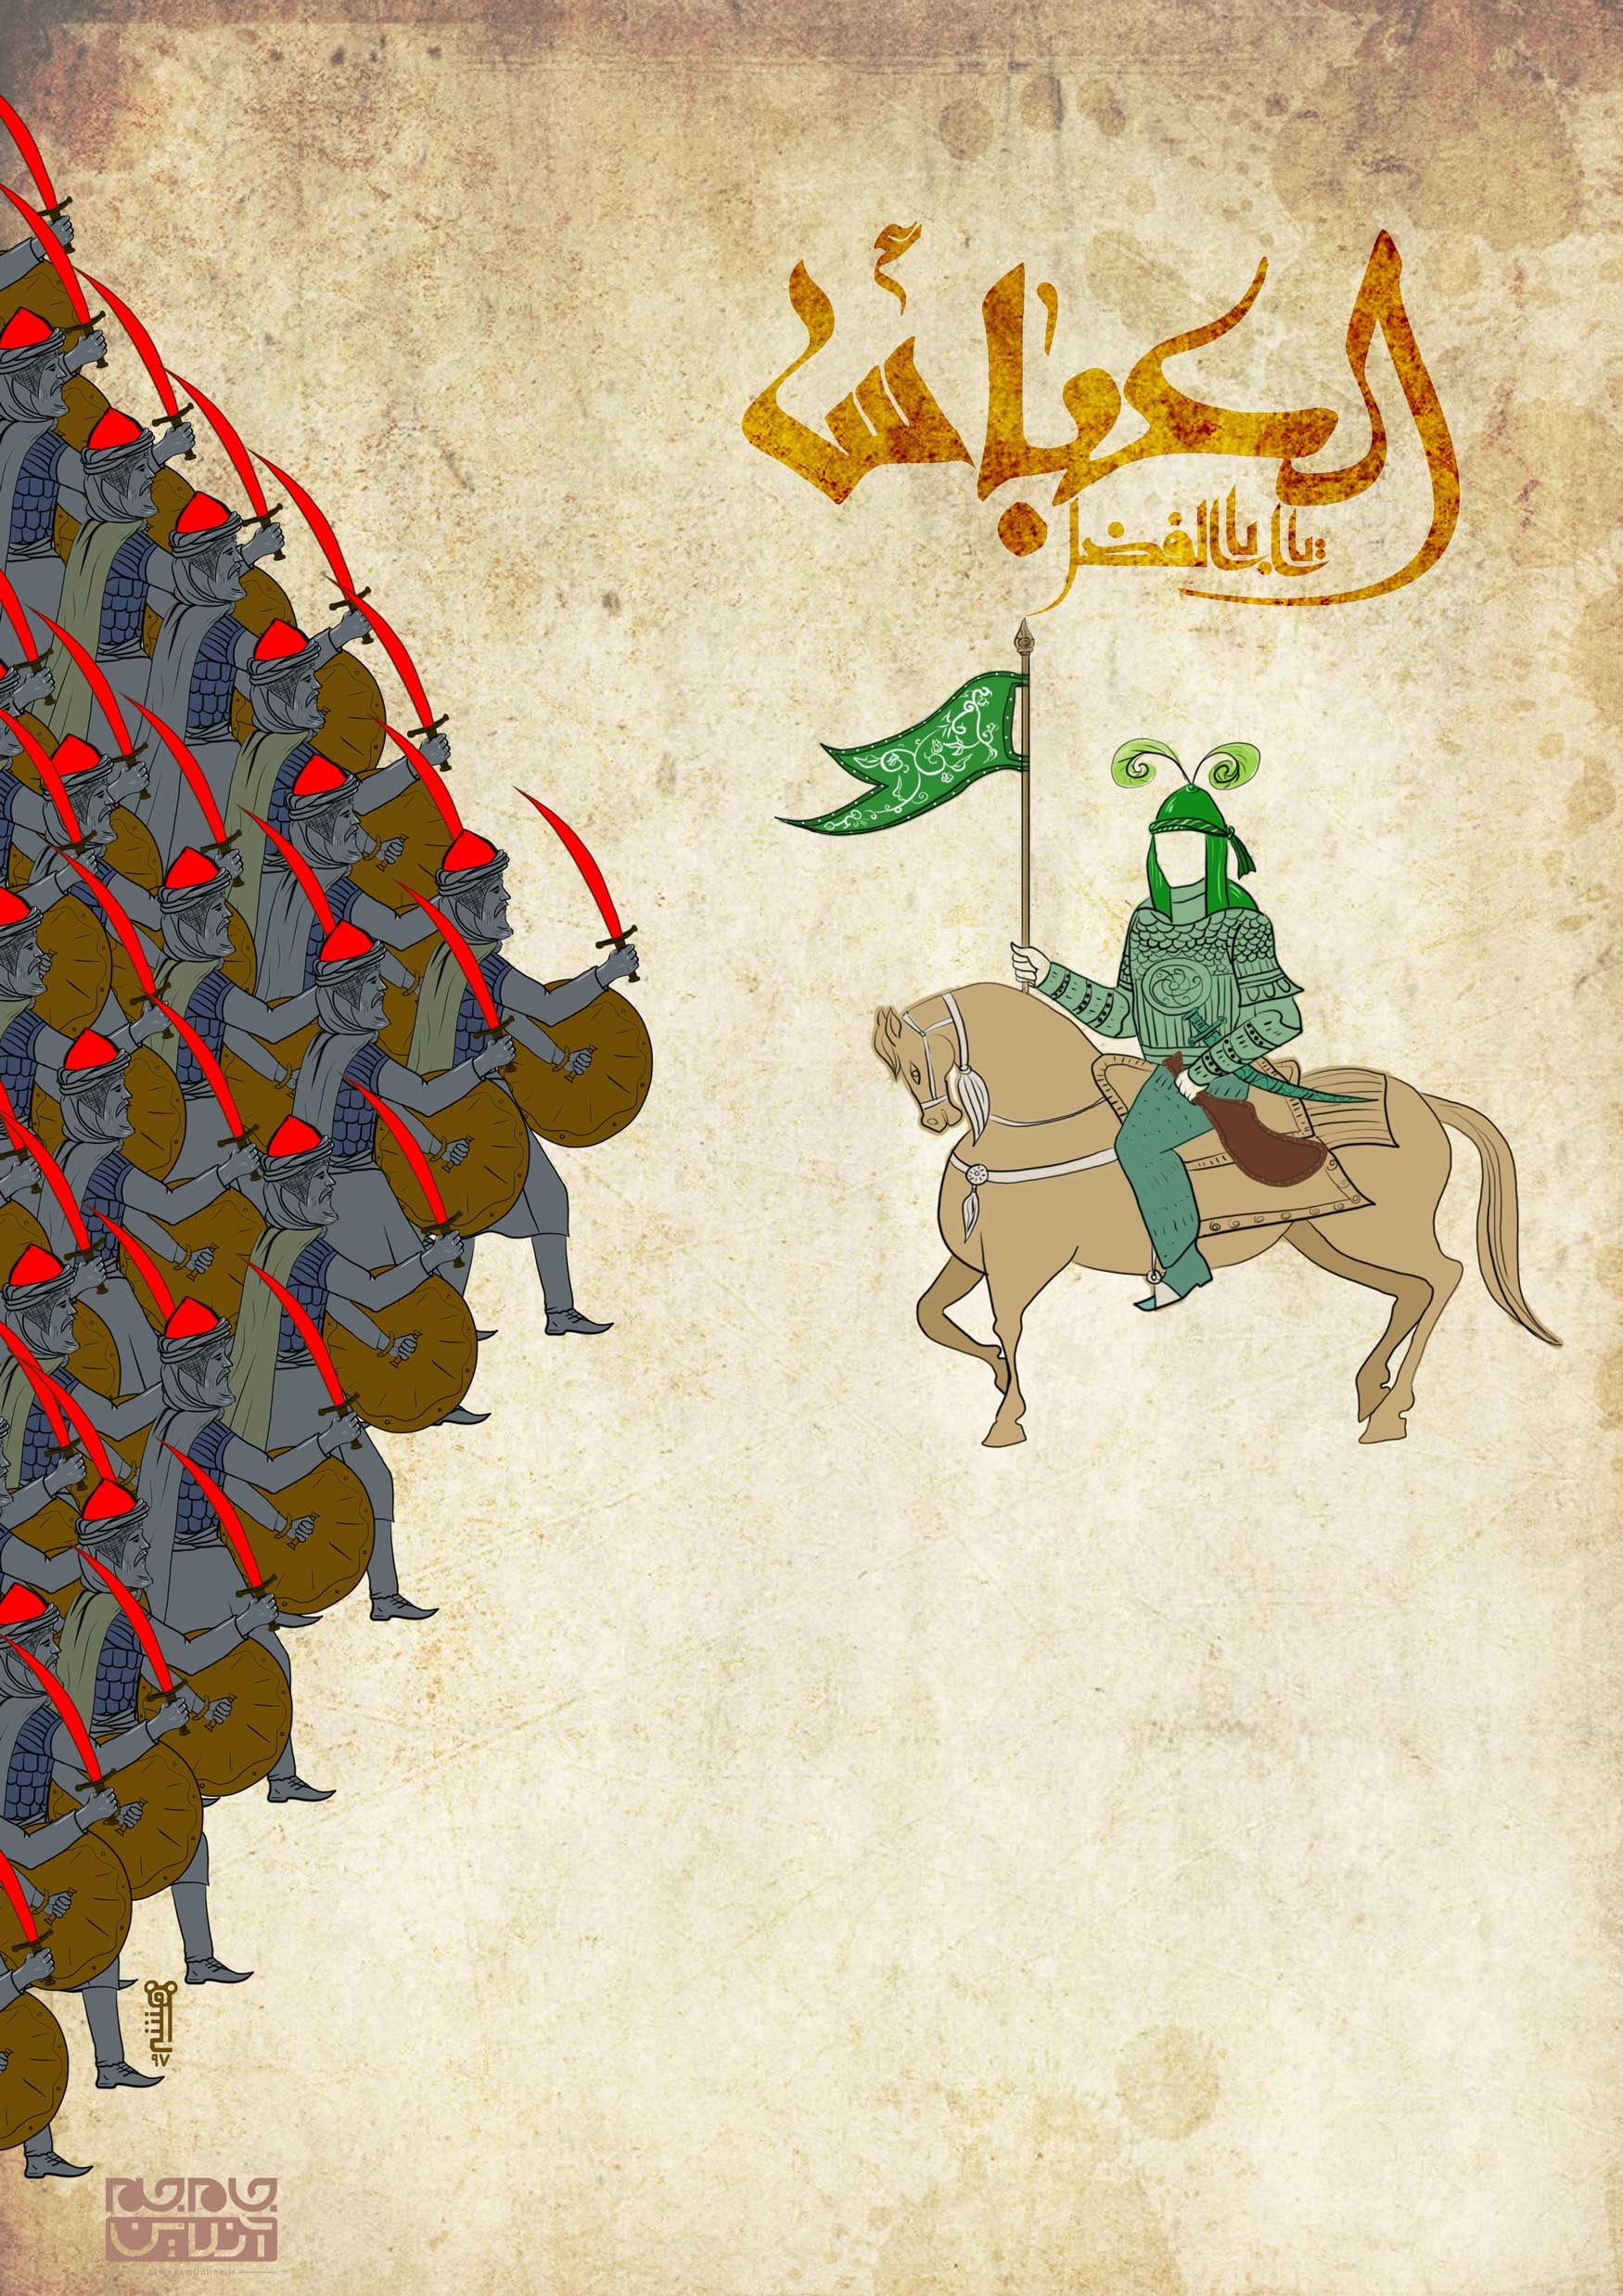 شهادت حضرت علی اکبر (ع) به روایت رهبر انقلاب (فیلم)